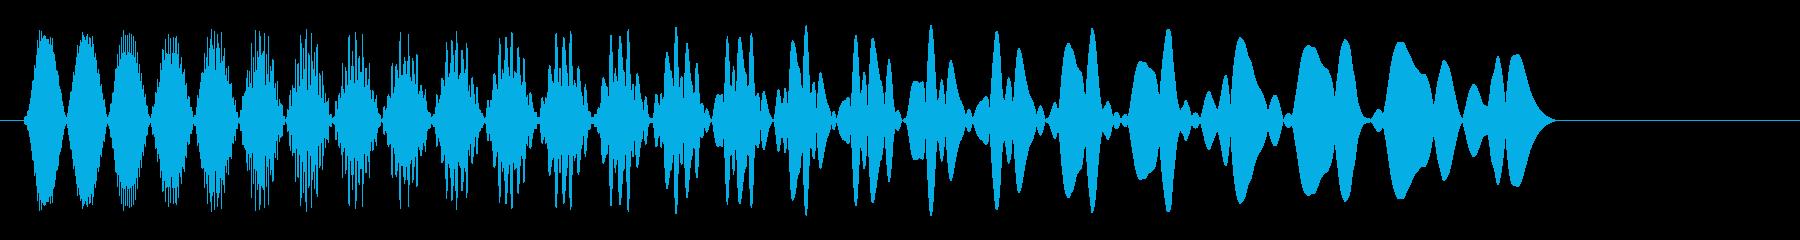 ピュウン!(シンプルな軽い発射音)の再生済みの波形